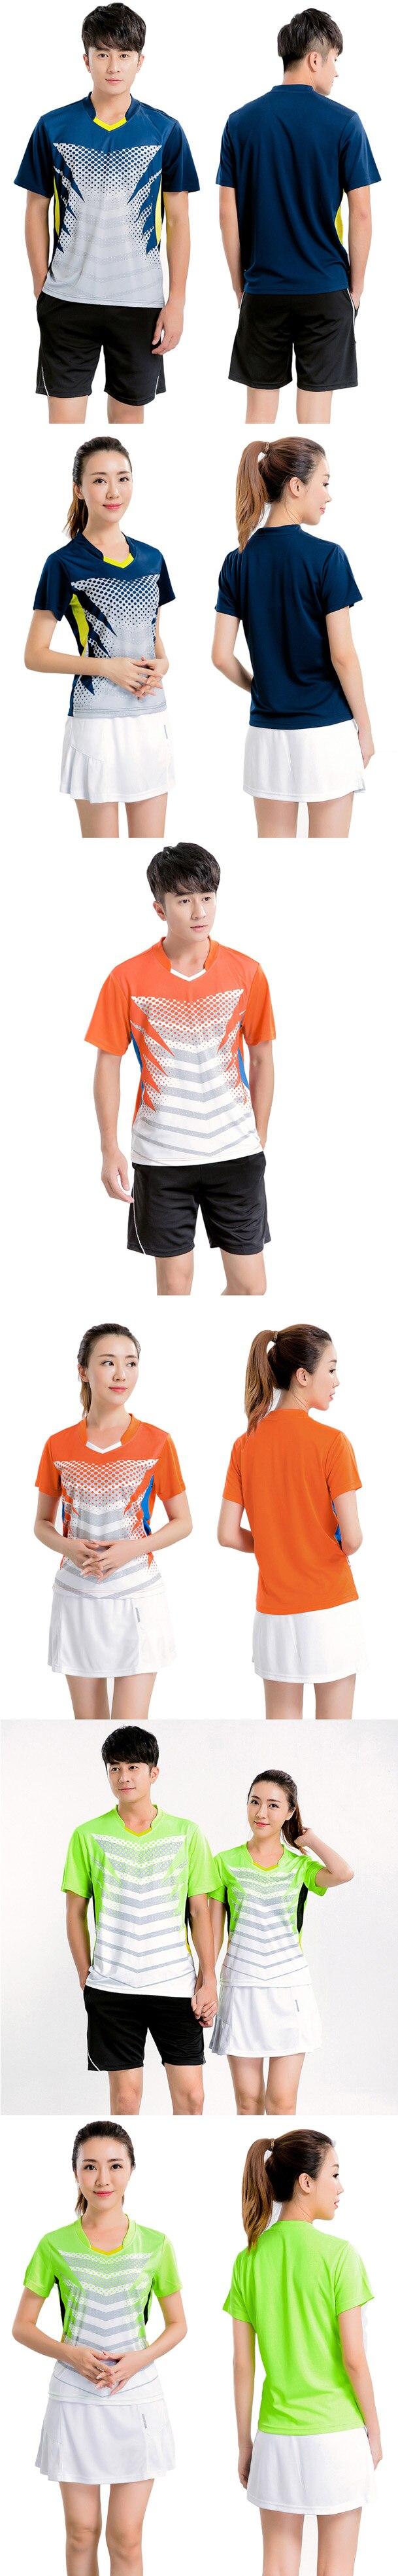 masculina, camisas de tênis de secagem rápida,